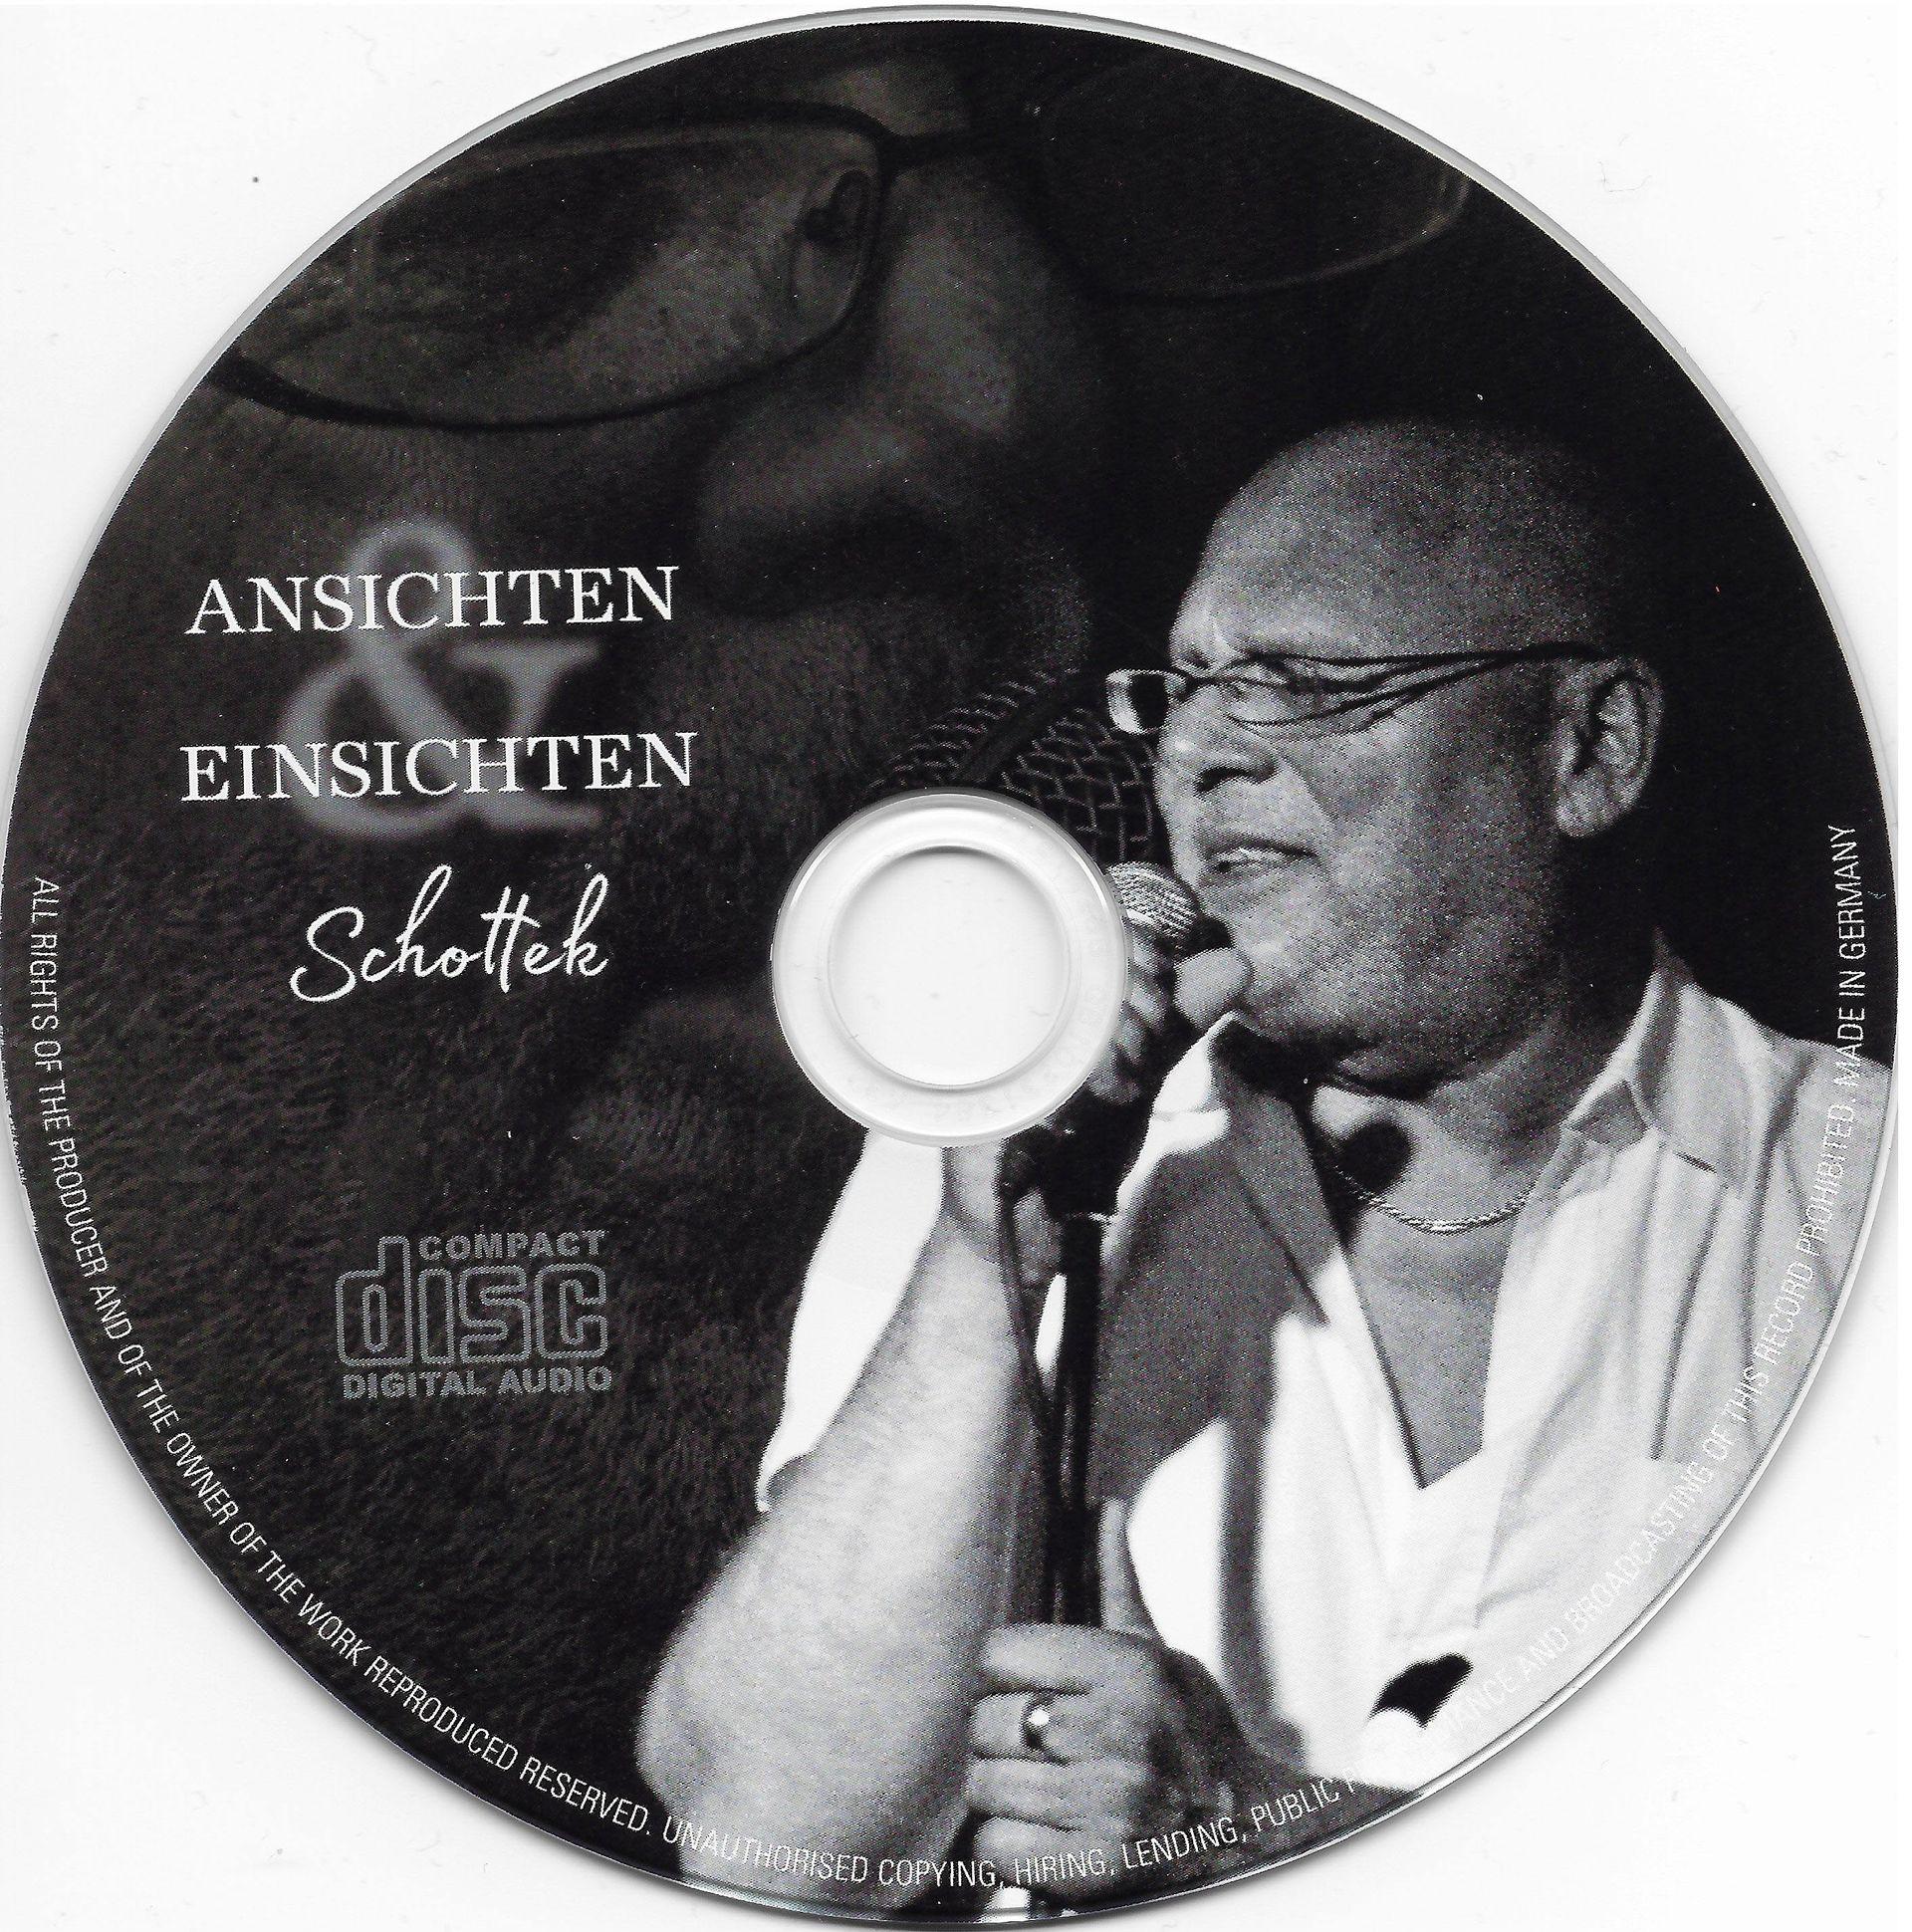 Der Buena Ressa SHOP - Shop | Buena Ressa Music